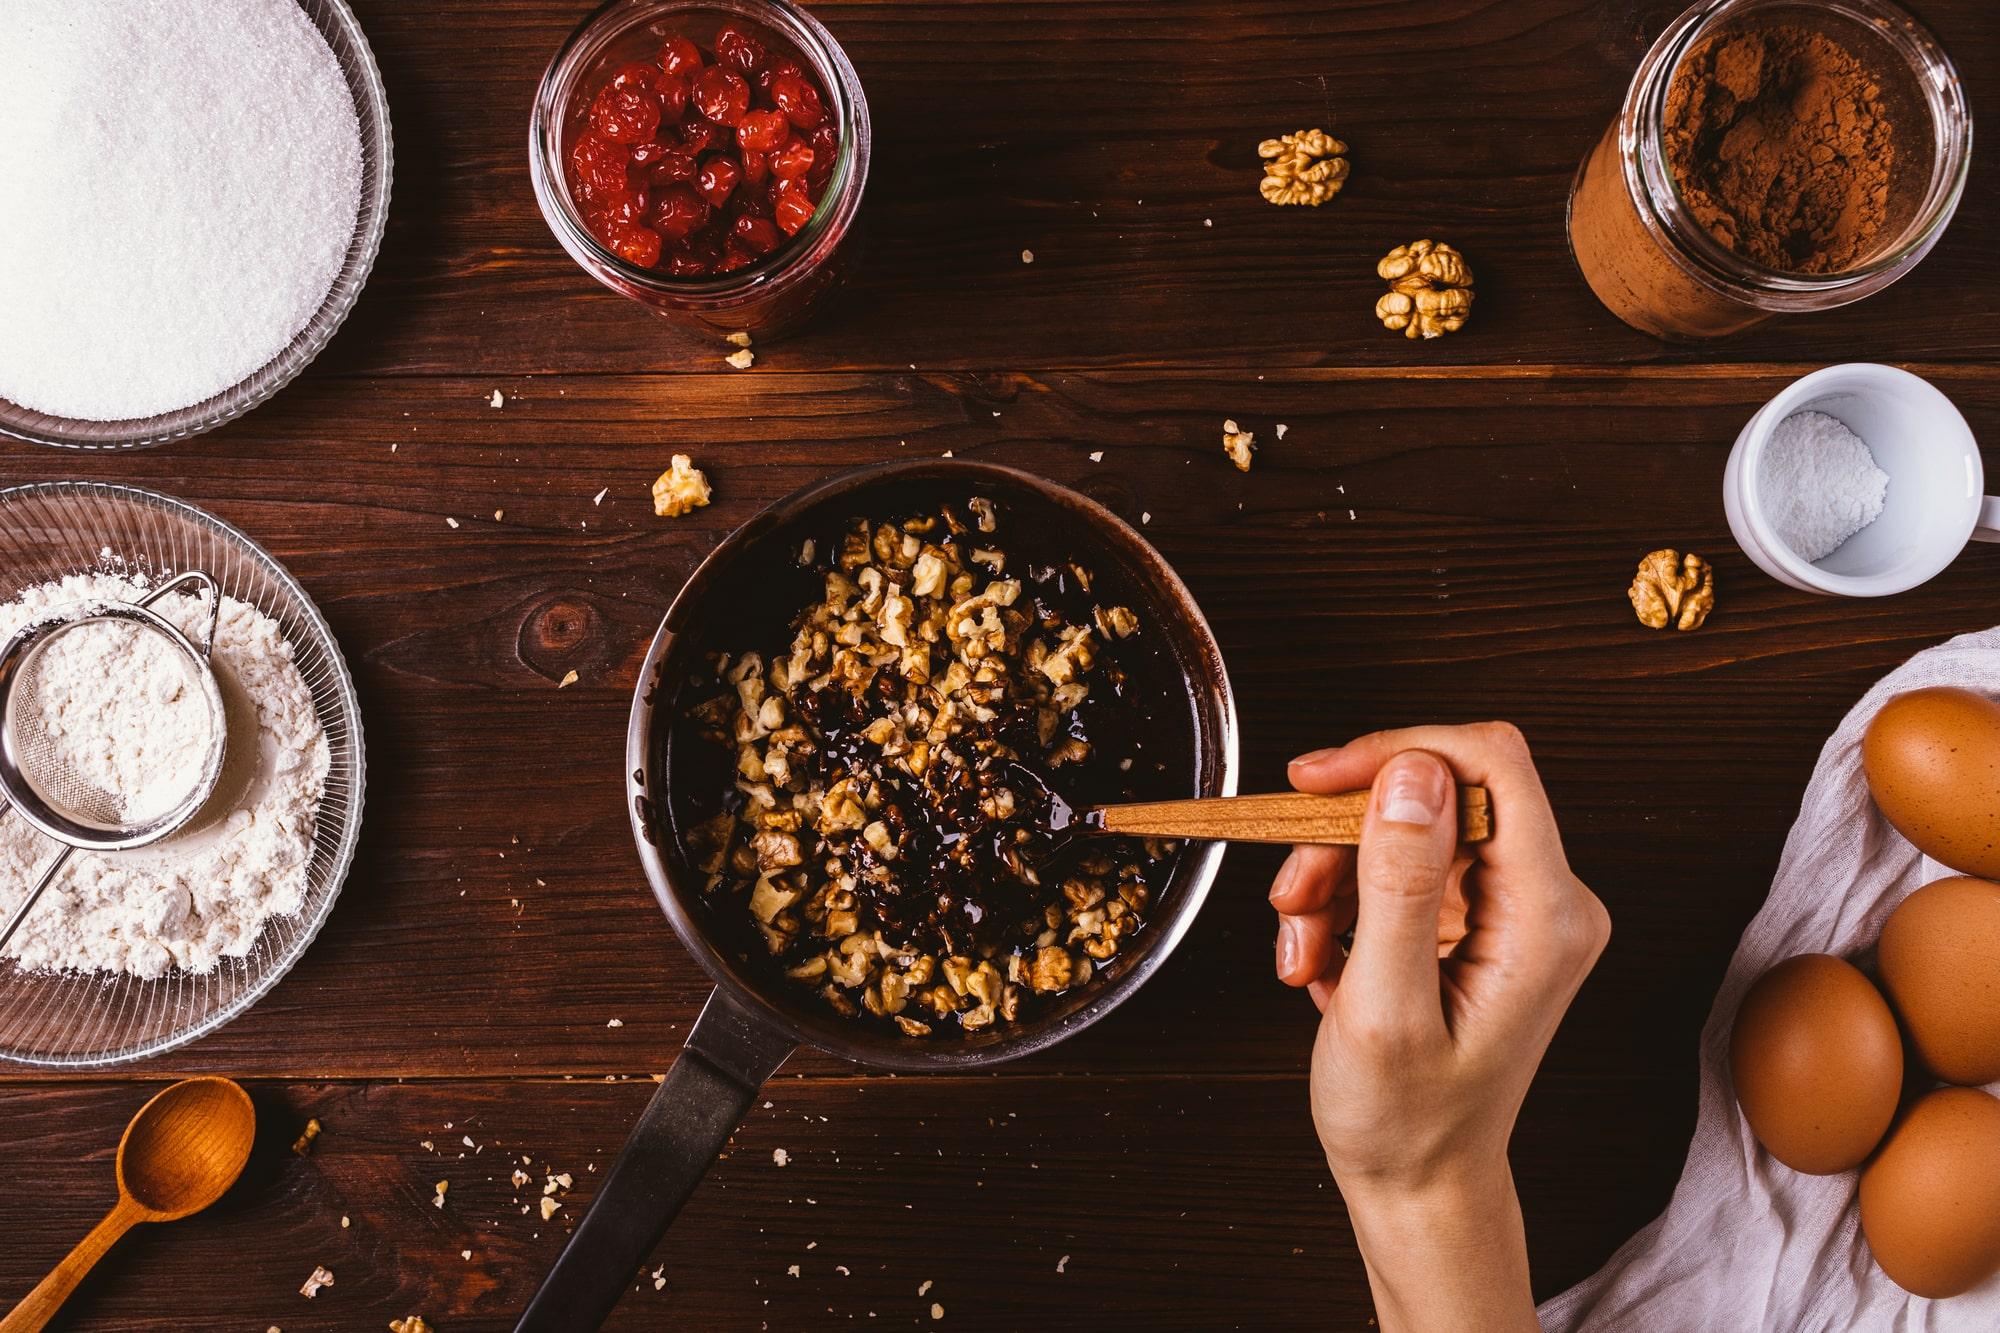 くるみの調理レシピ8選!サラダ・おやつ・おつまみなどメニュー別の作り方まとめ